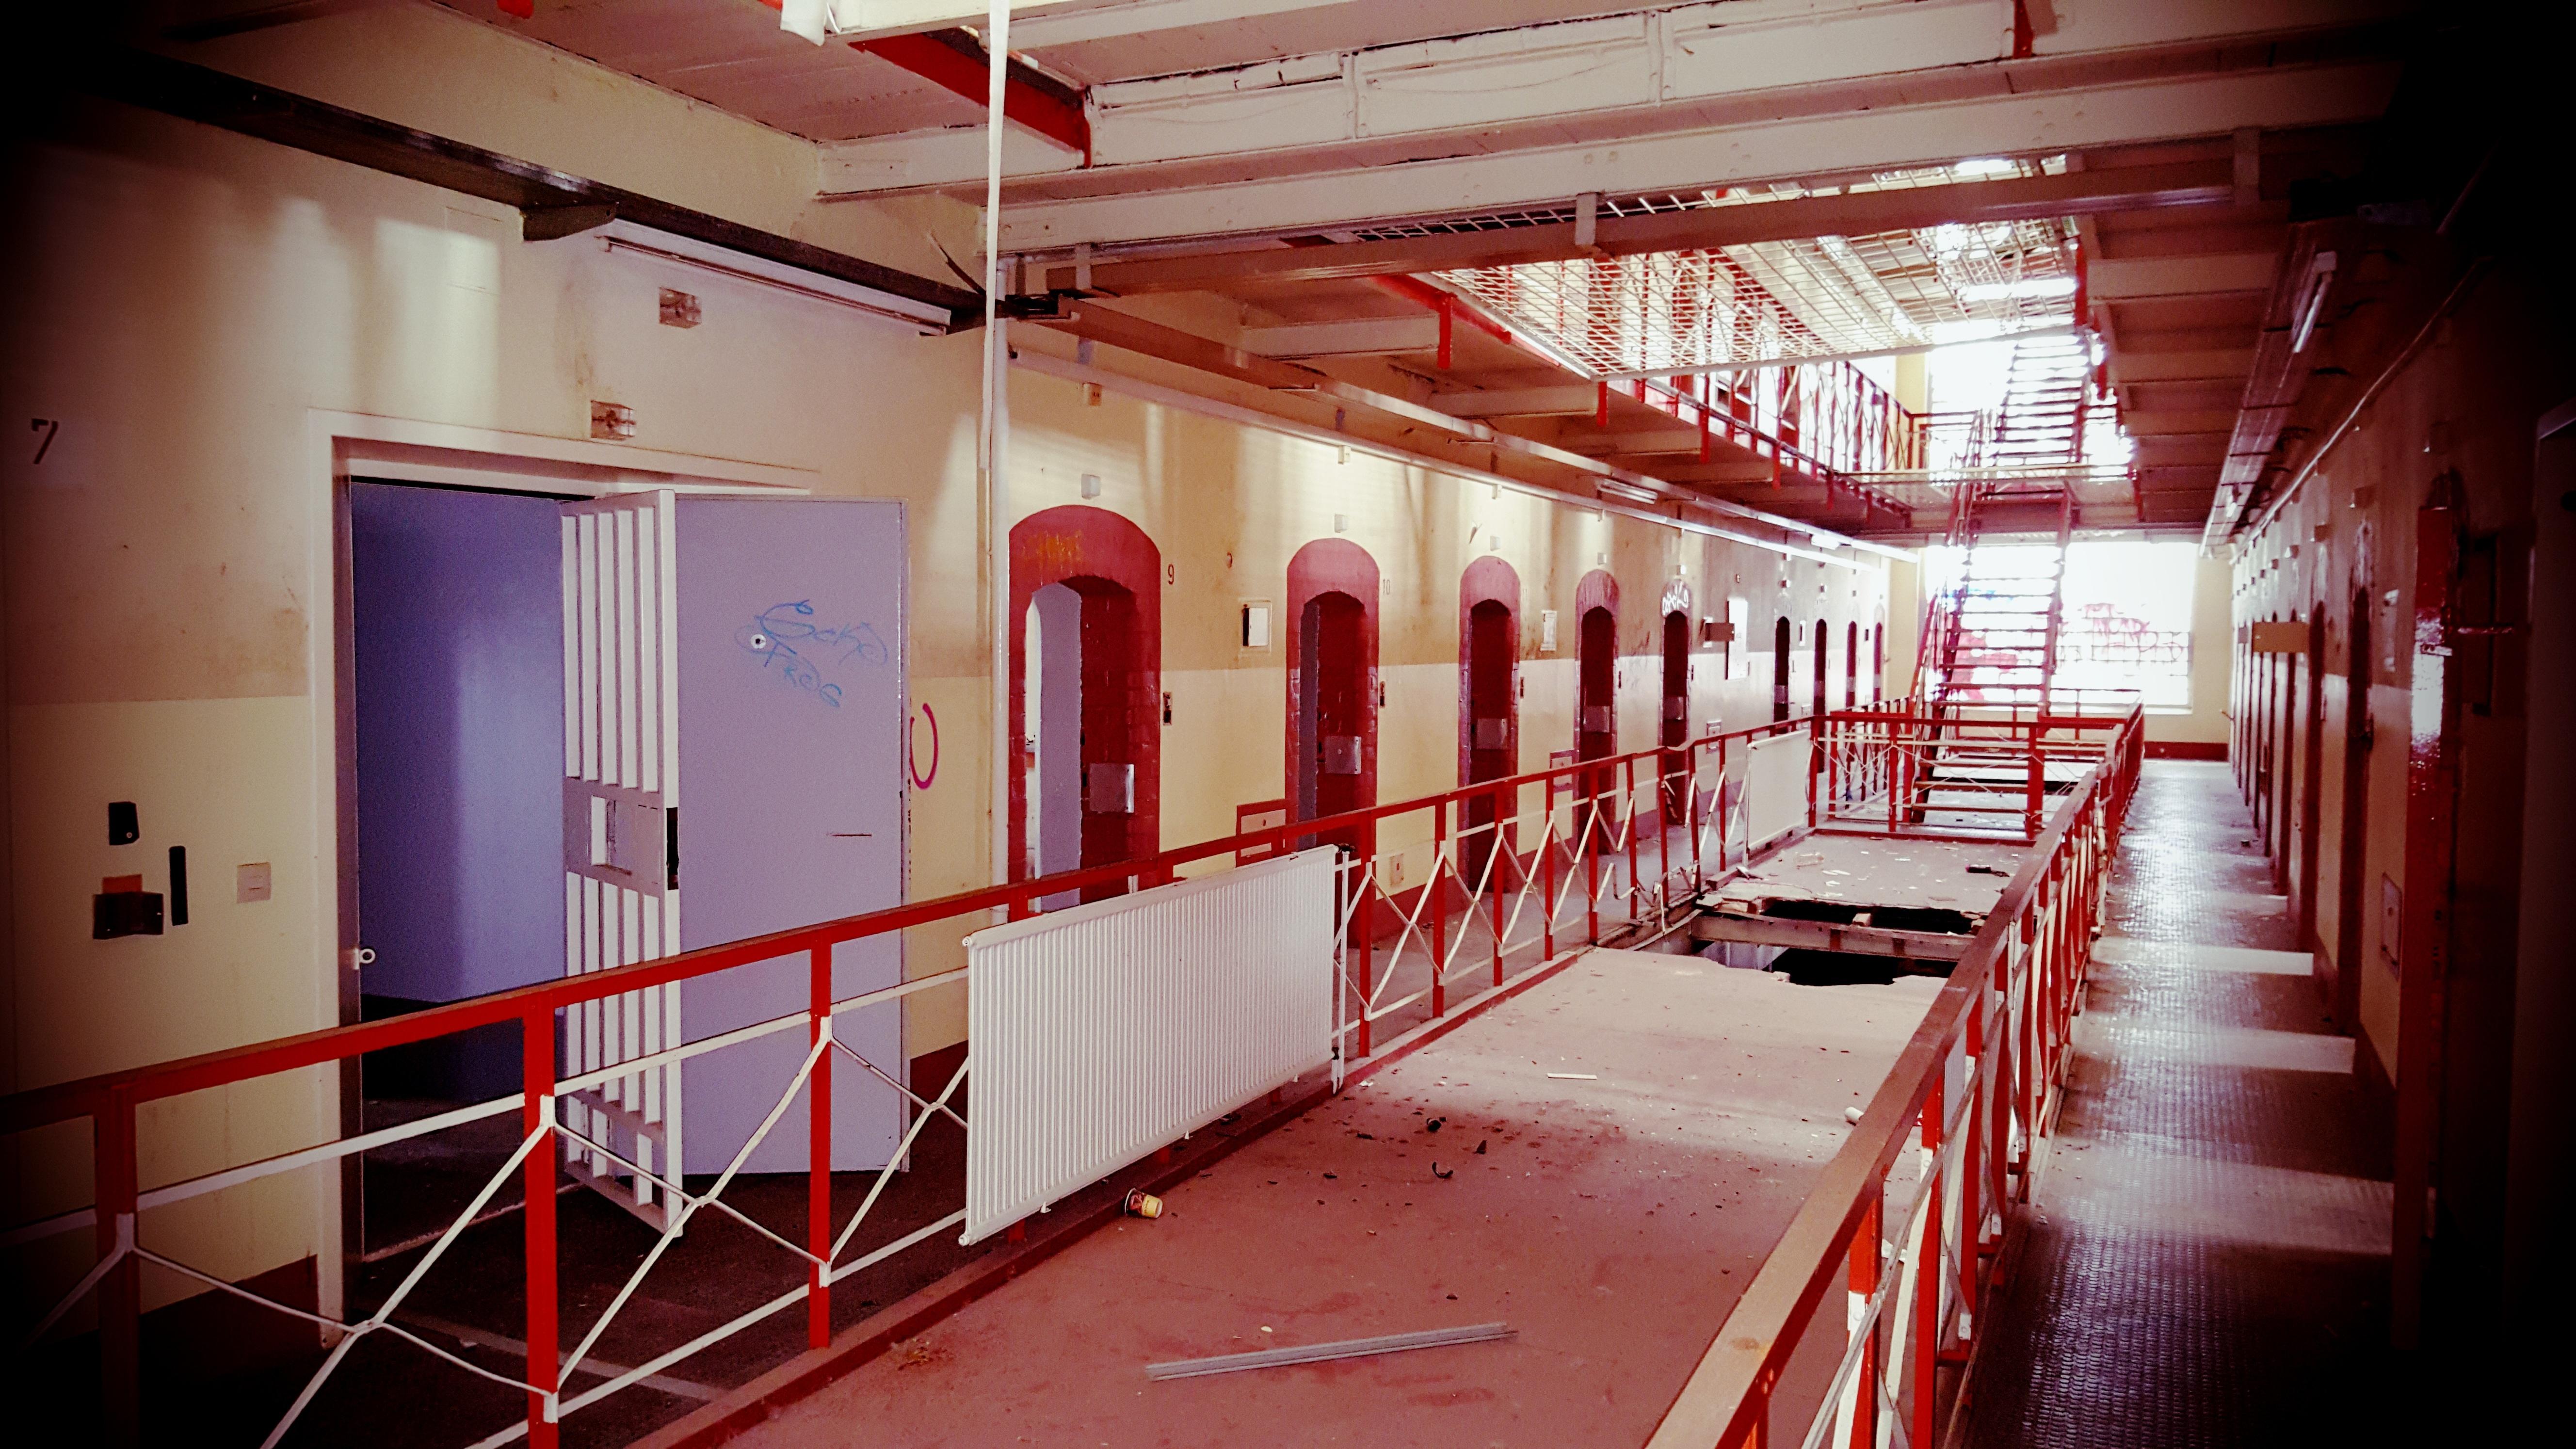 Innenarchitektur Halle kostenlose foto haus rot halle farbe historisches gebäude